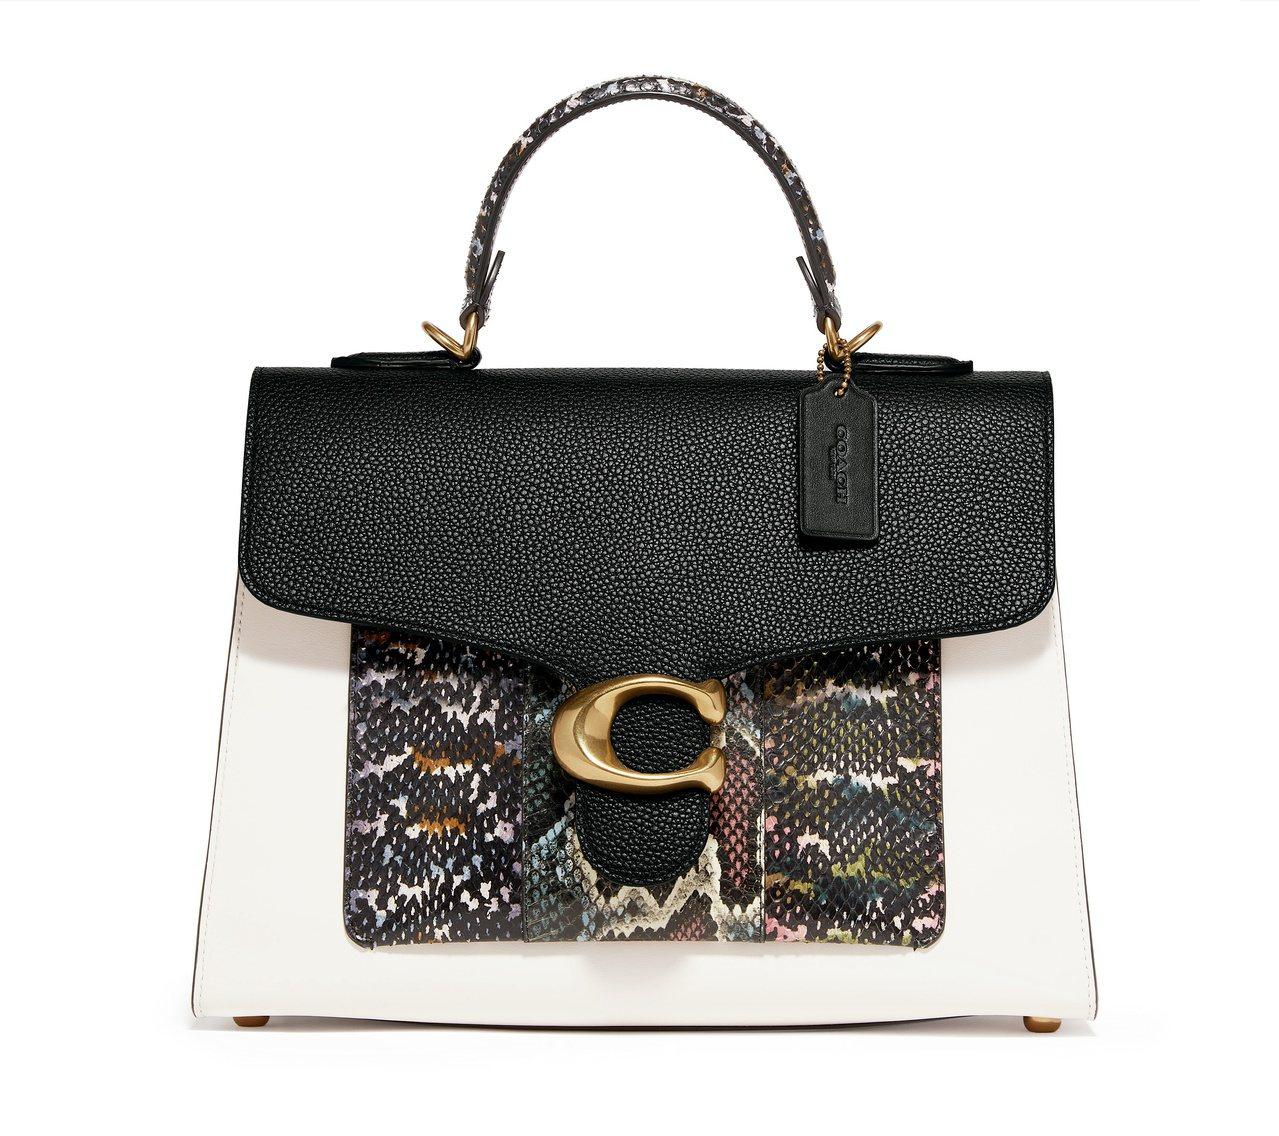 手提Tabby蛇皮拼接牛皮手袋,售價29,800元。圖/COACH提供